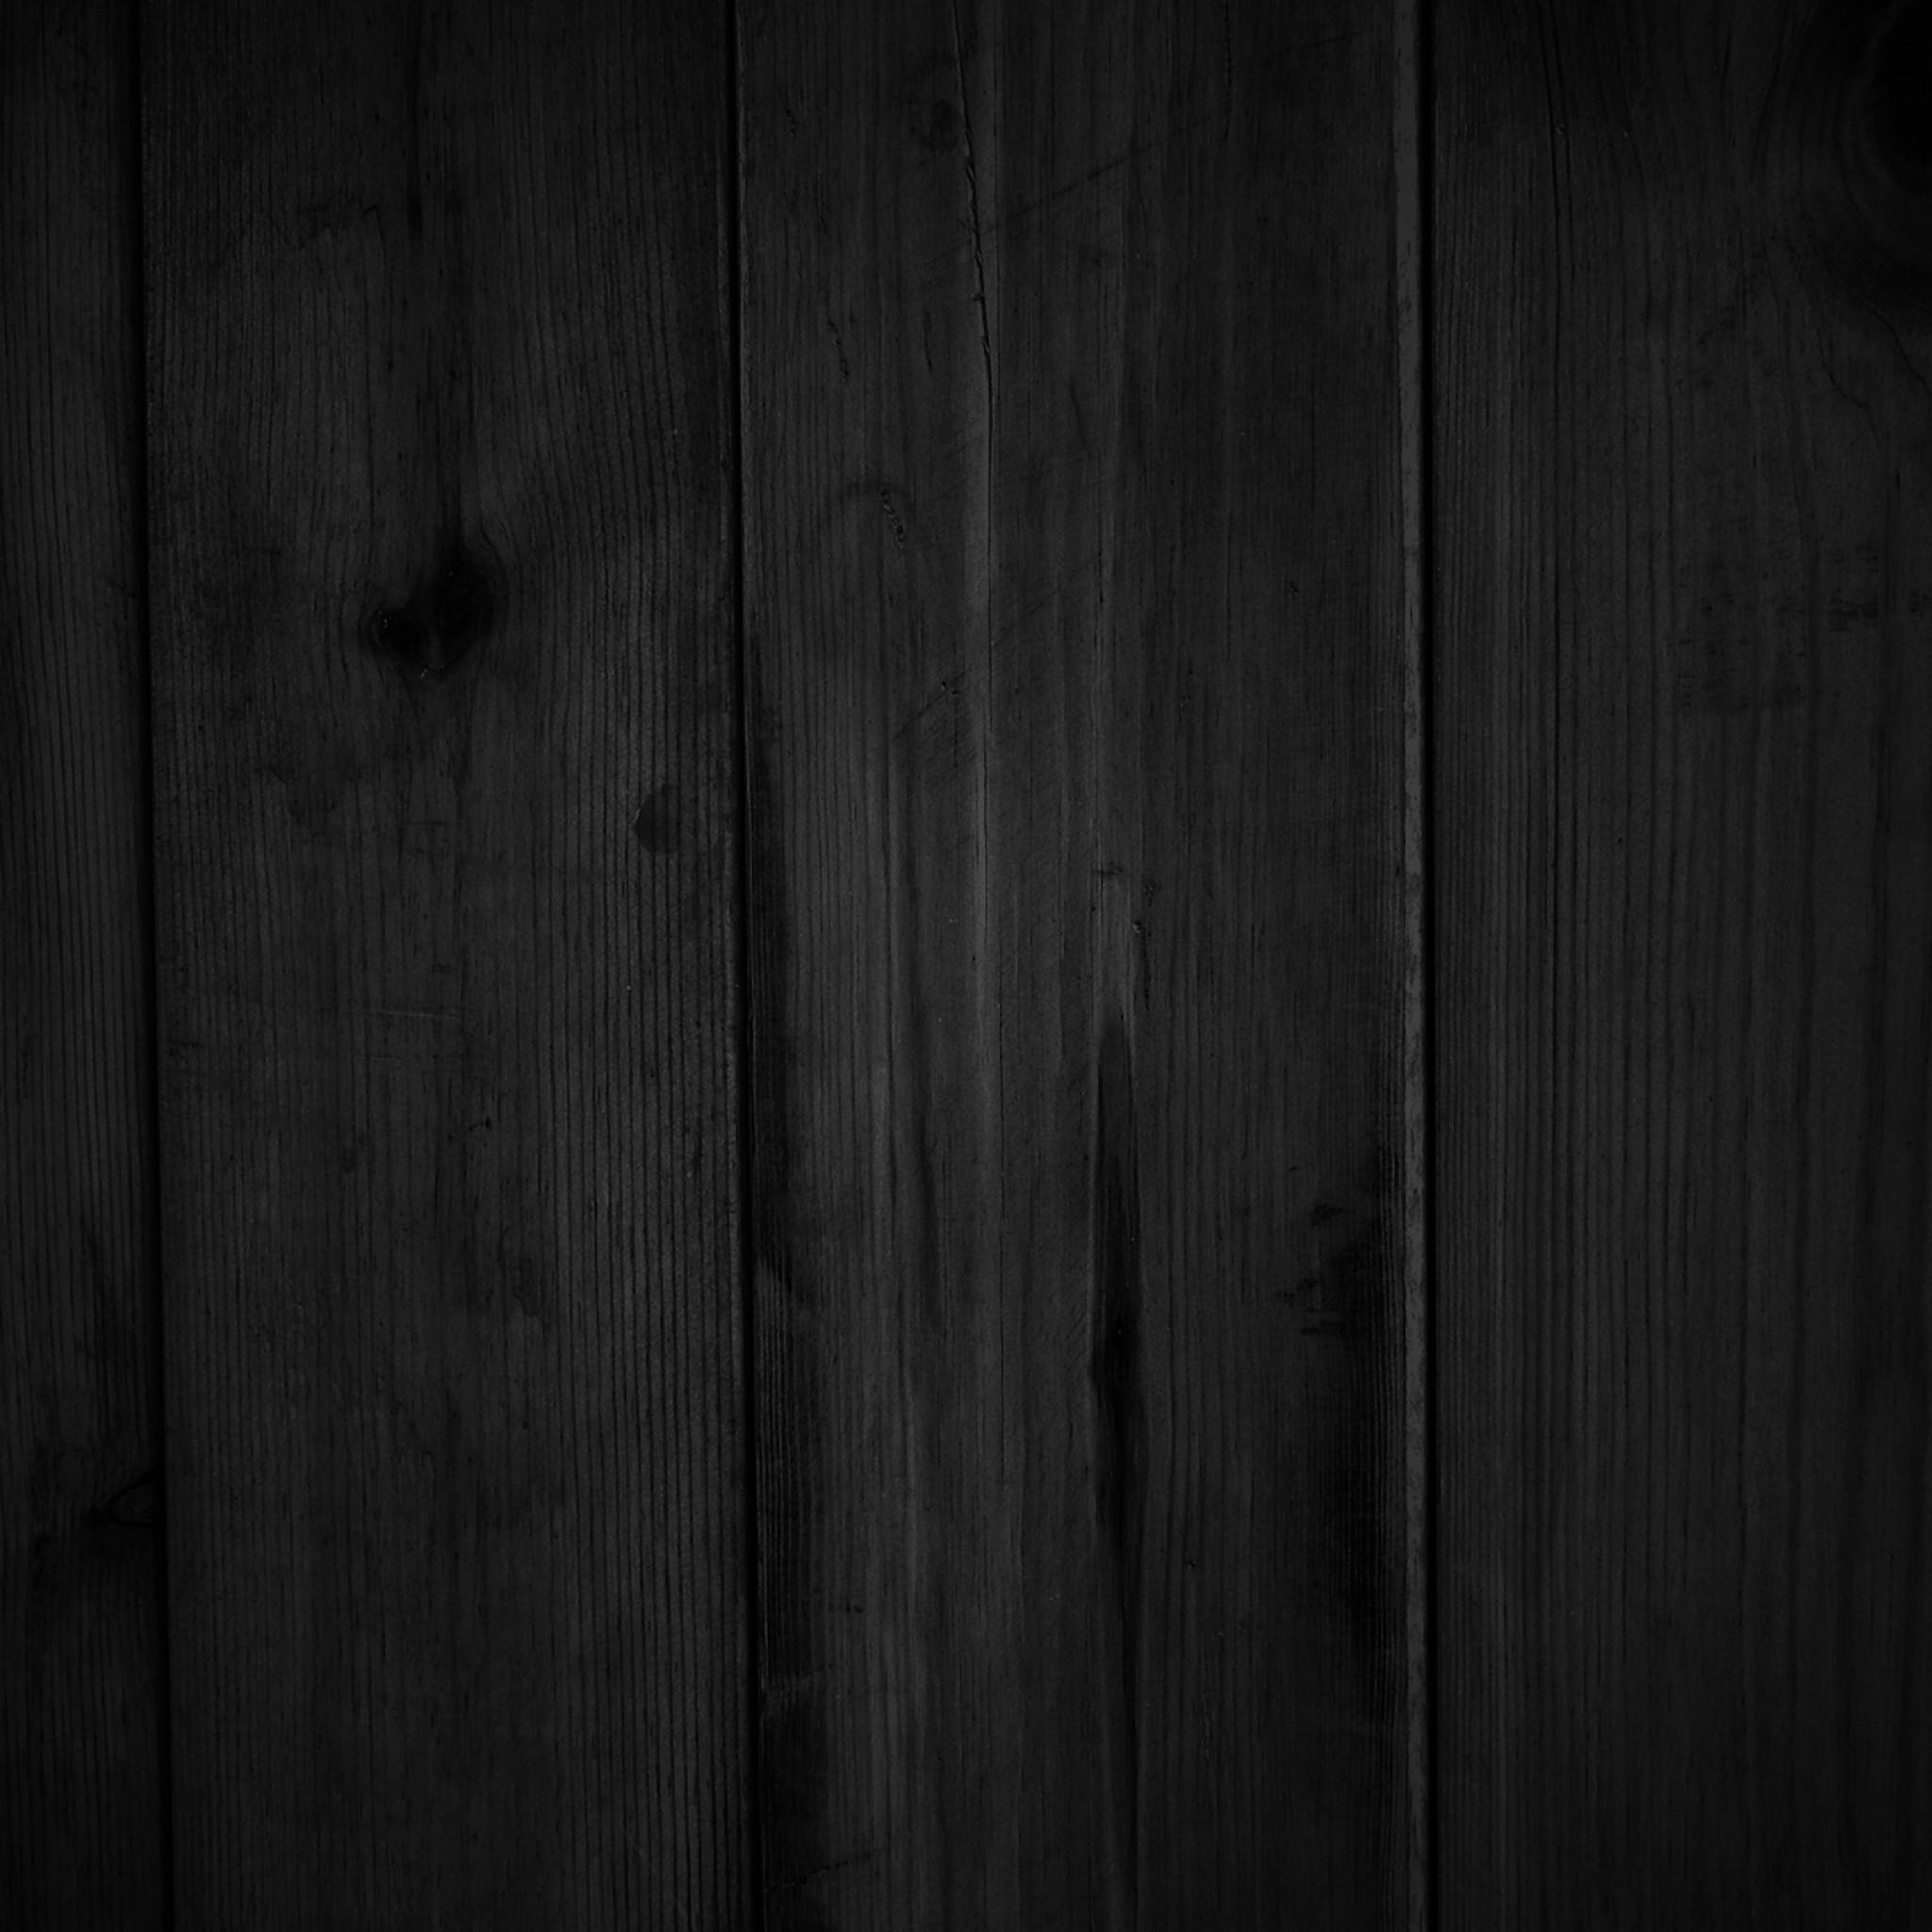 Wallpaper wood, dark, background, texture